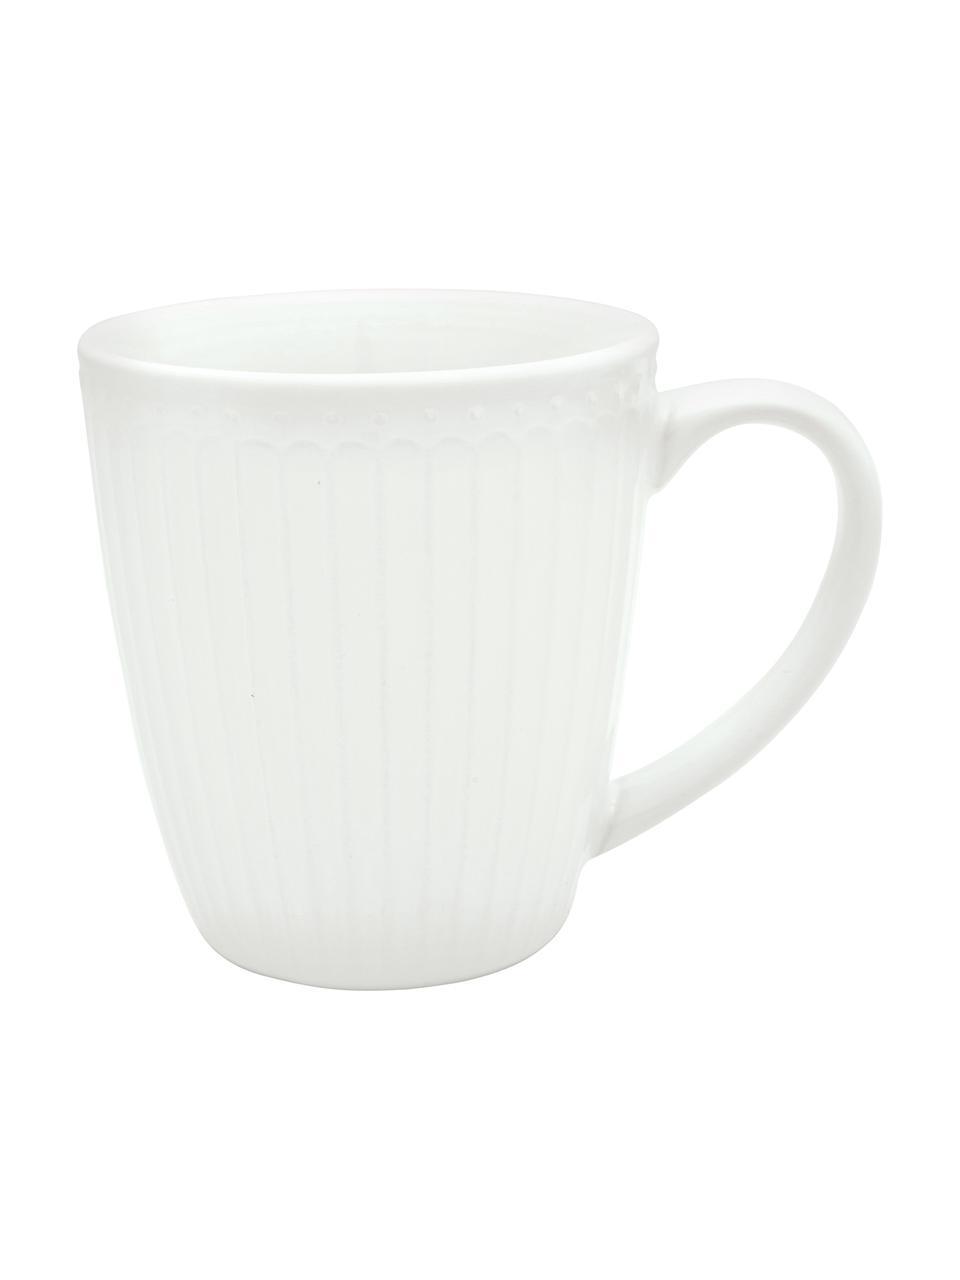 Tasse faite main porcelaine Alice, 2pièces, Blanc